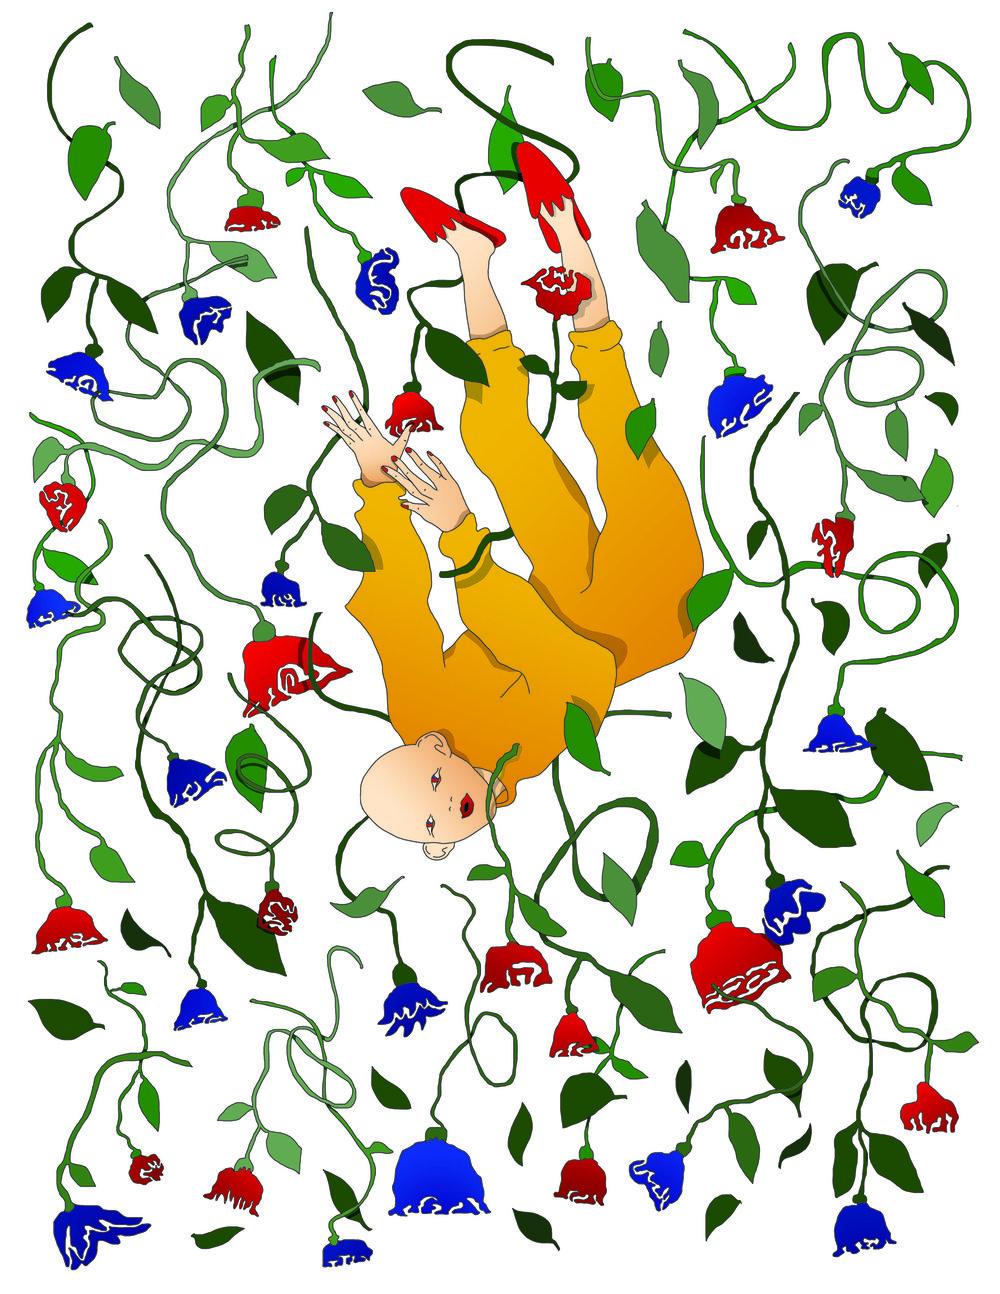 fallingflowers.jpg